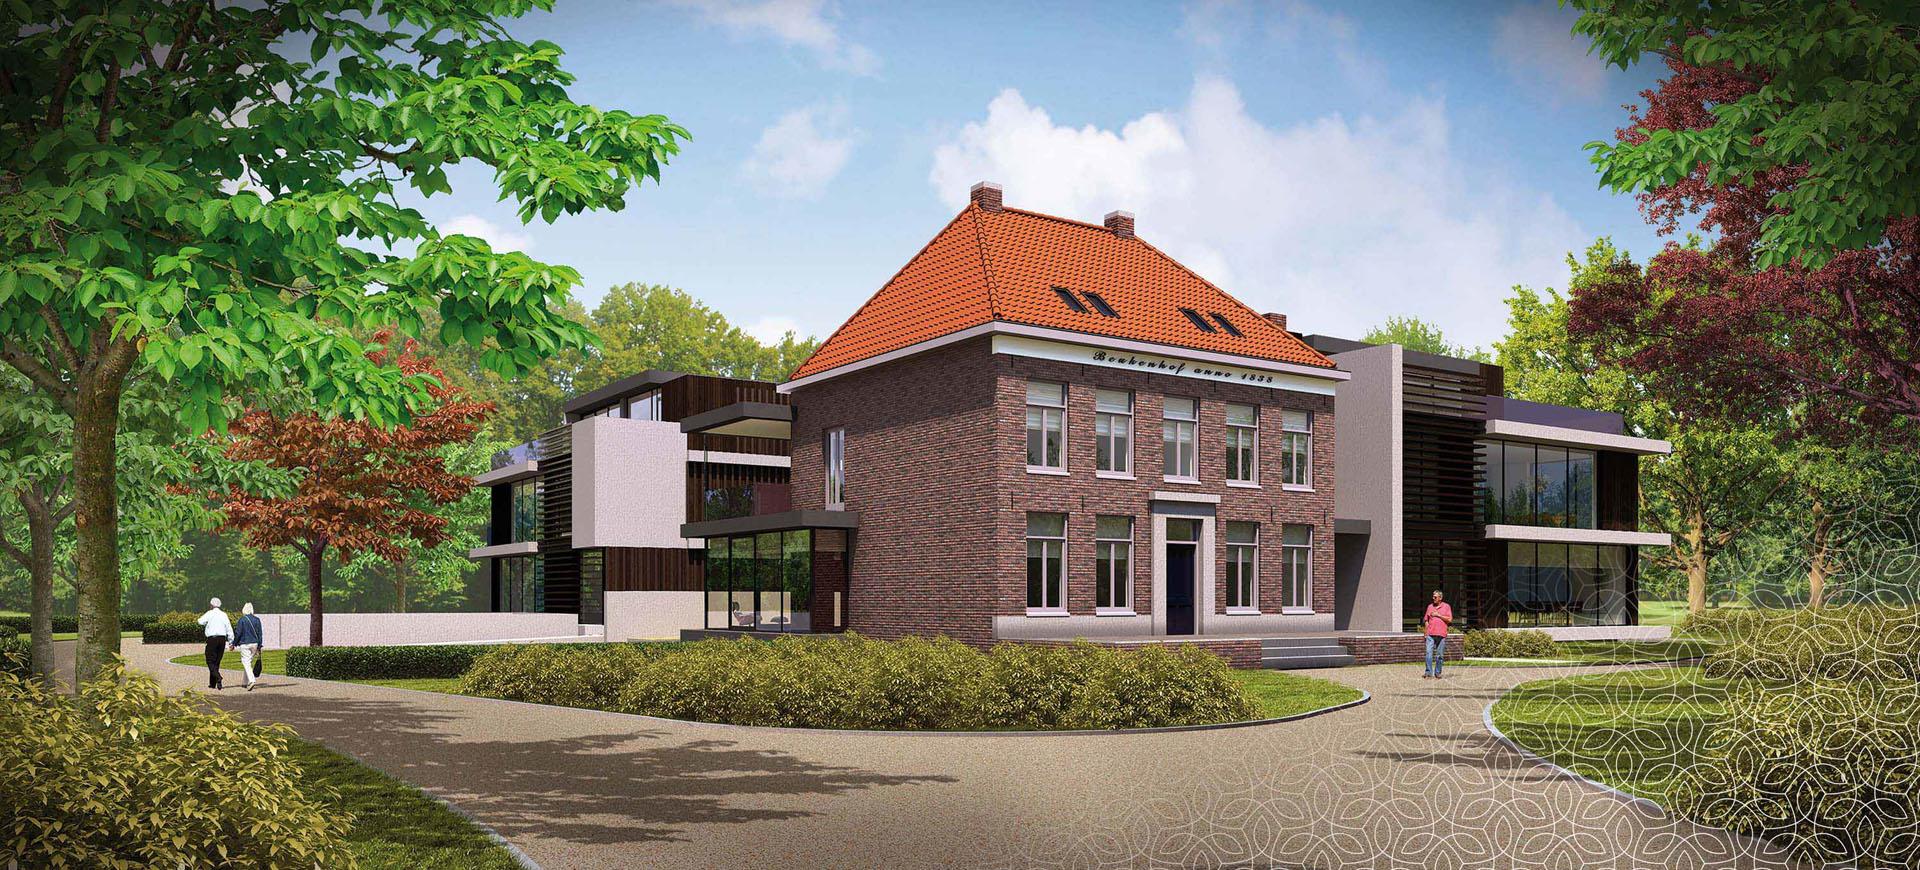 Project Beukenhof in Bergeijk